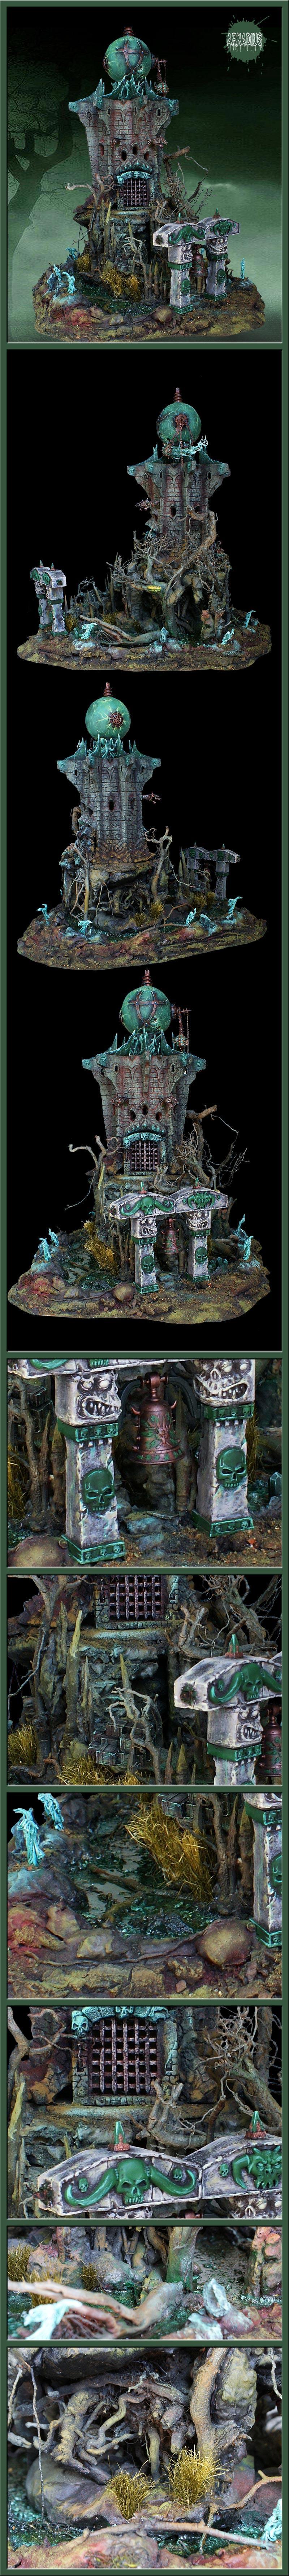 Haunted, Terrain, Tower, Undead, Wargames, Warhammer Fantasy